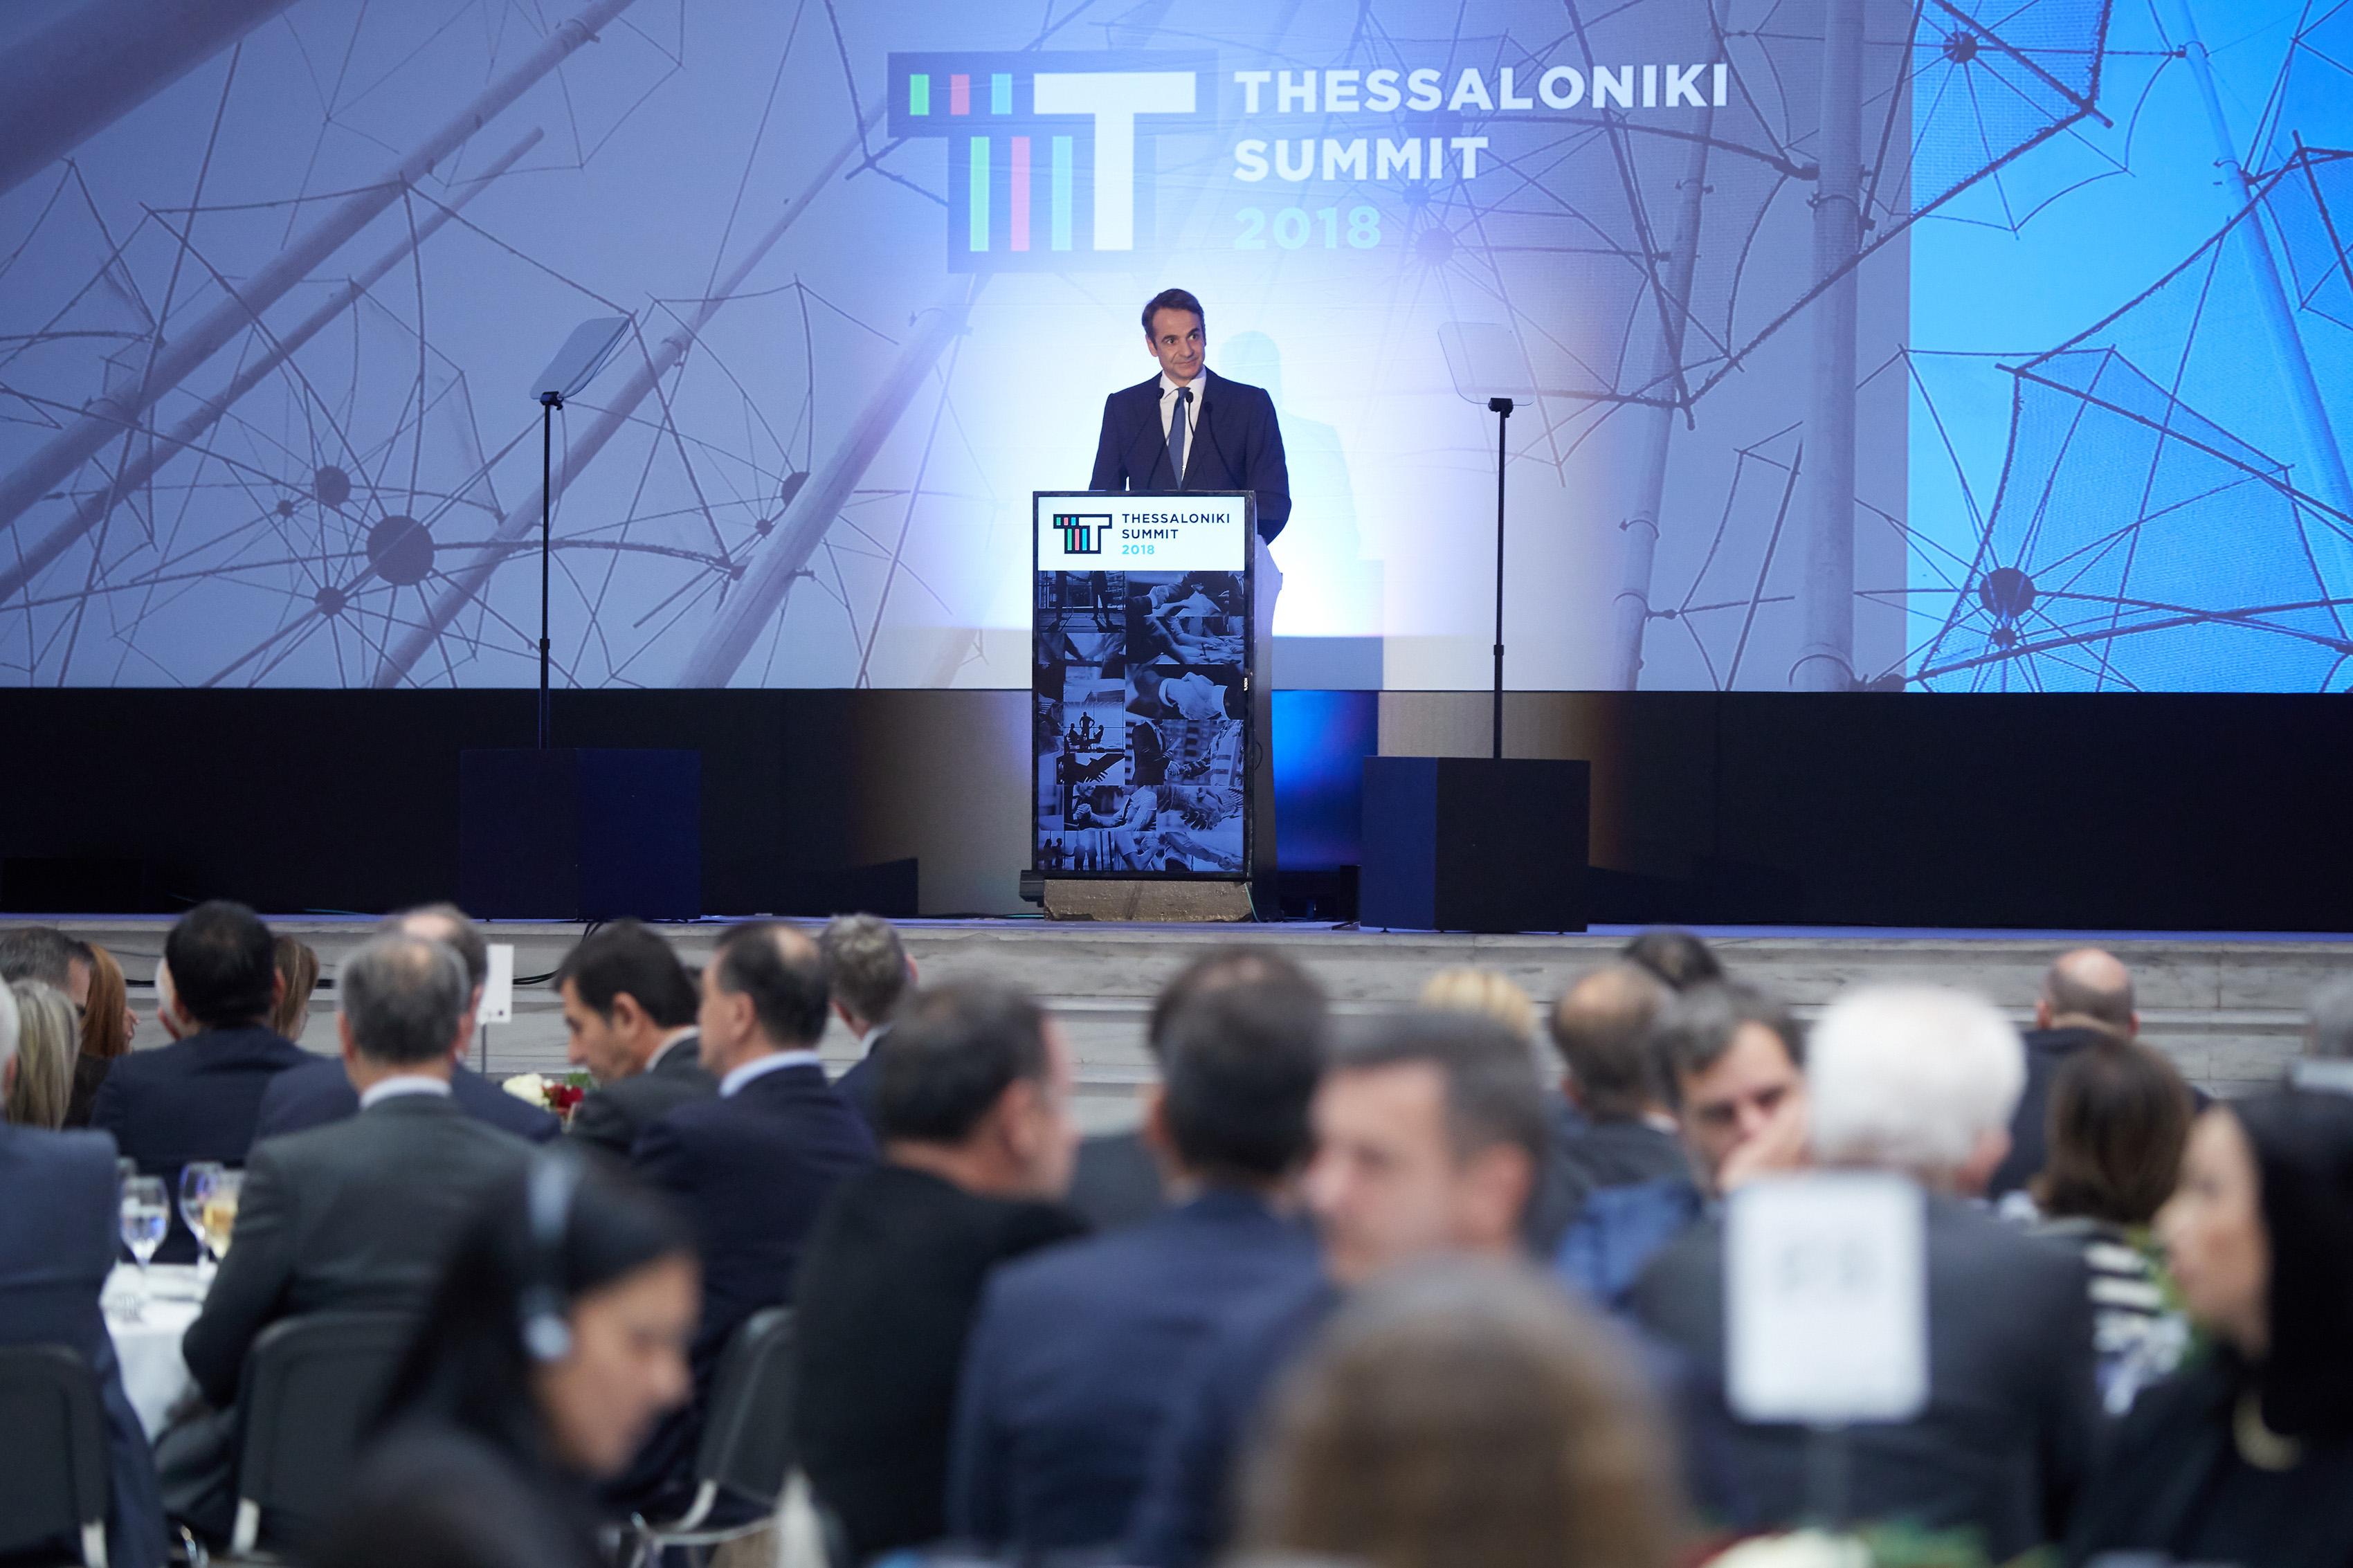 """Μητσοτάκης: Άκρατη παροχολογία από τον κ. Τσίπρα και νεκρανάσταση του """"Τσοβόλα δώστα όλα"""""""